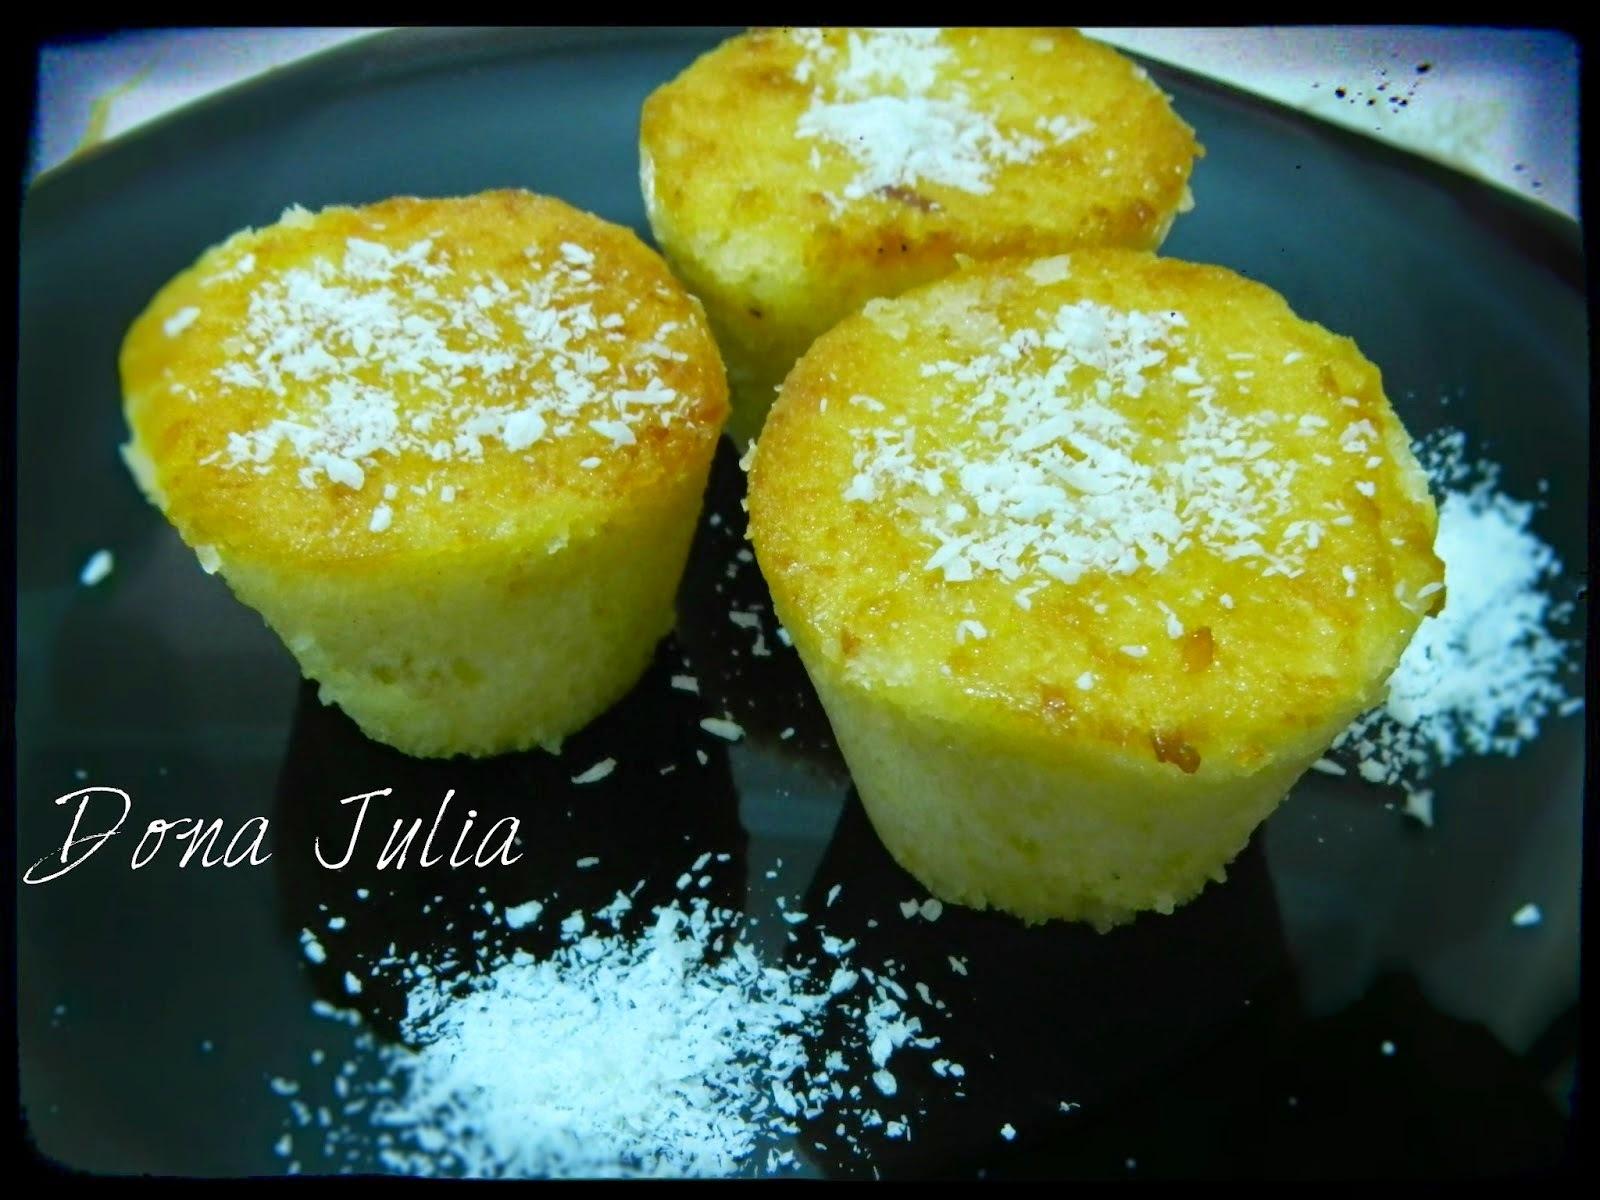 de queijadinha de liquidificador sem queijo parmesão